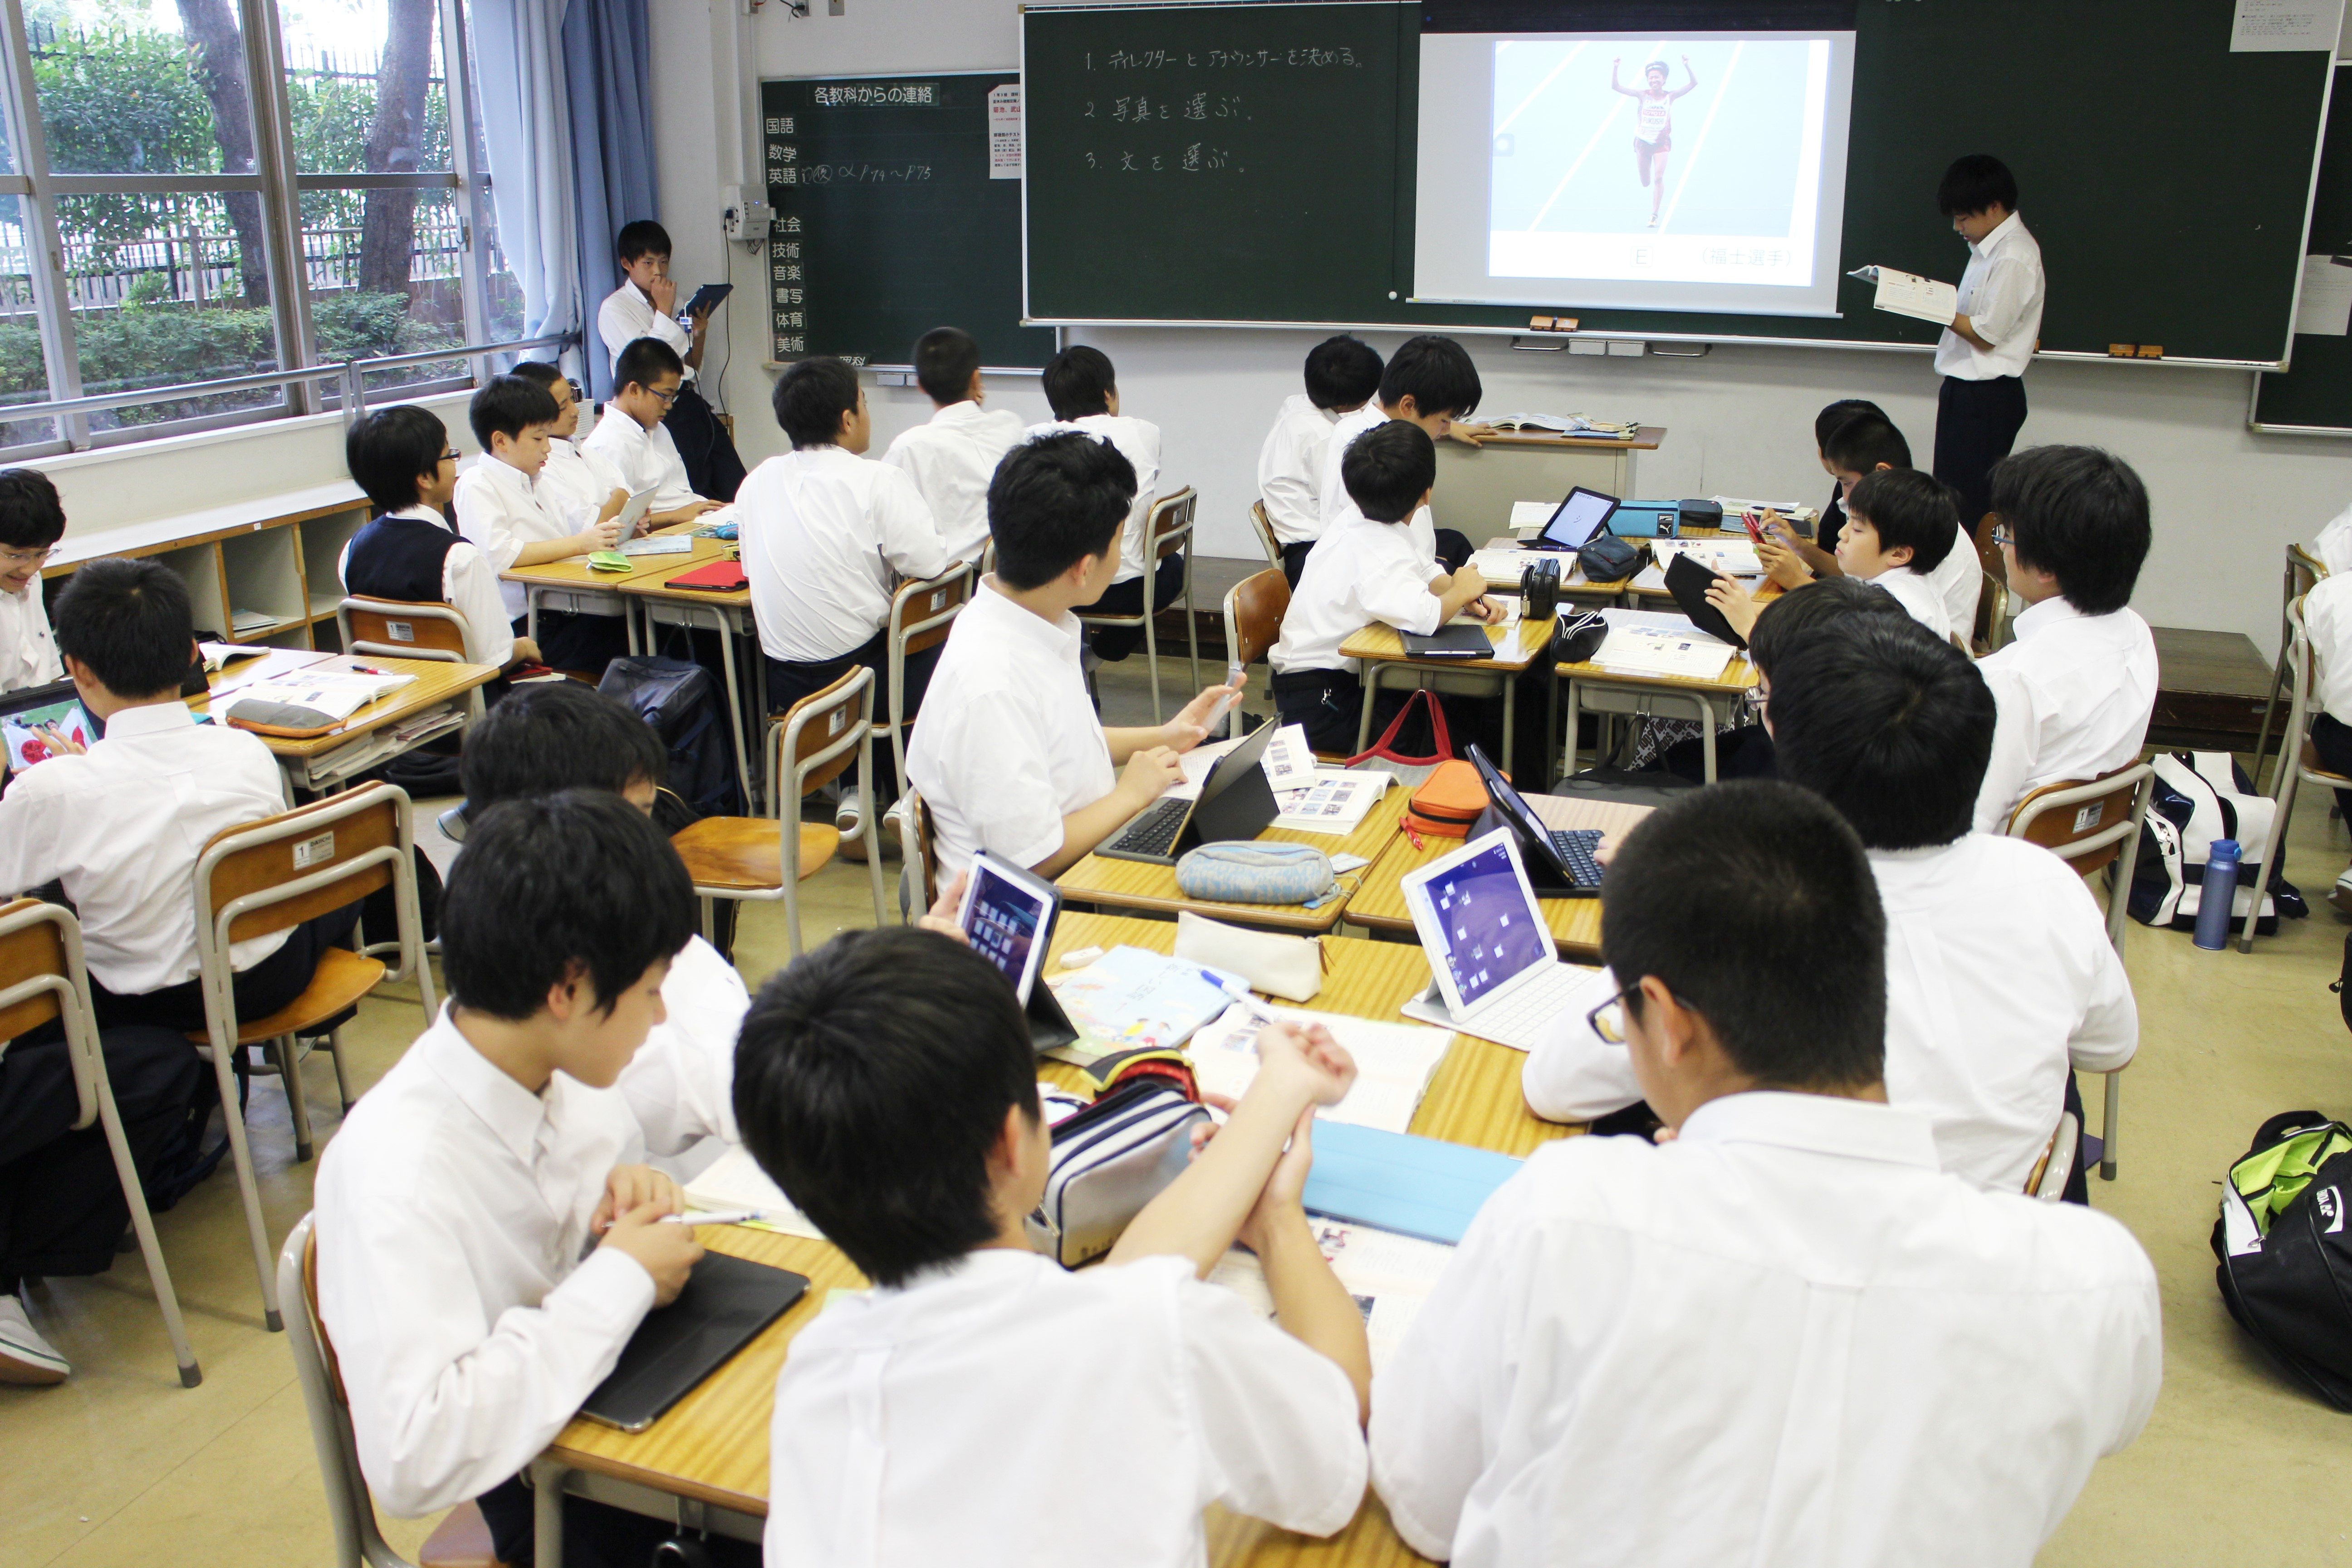 佼成学園、発展途上だが可能性拡がるICT活用授業を公開